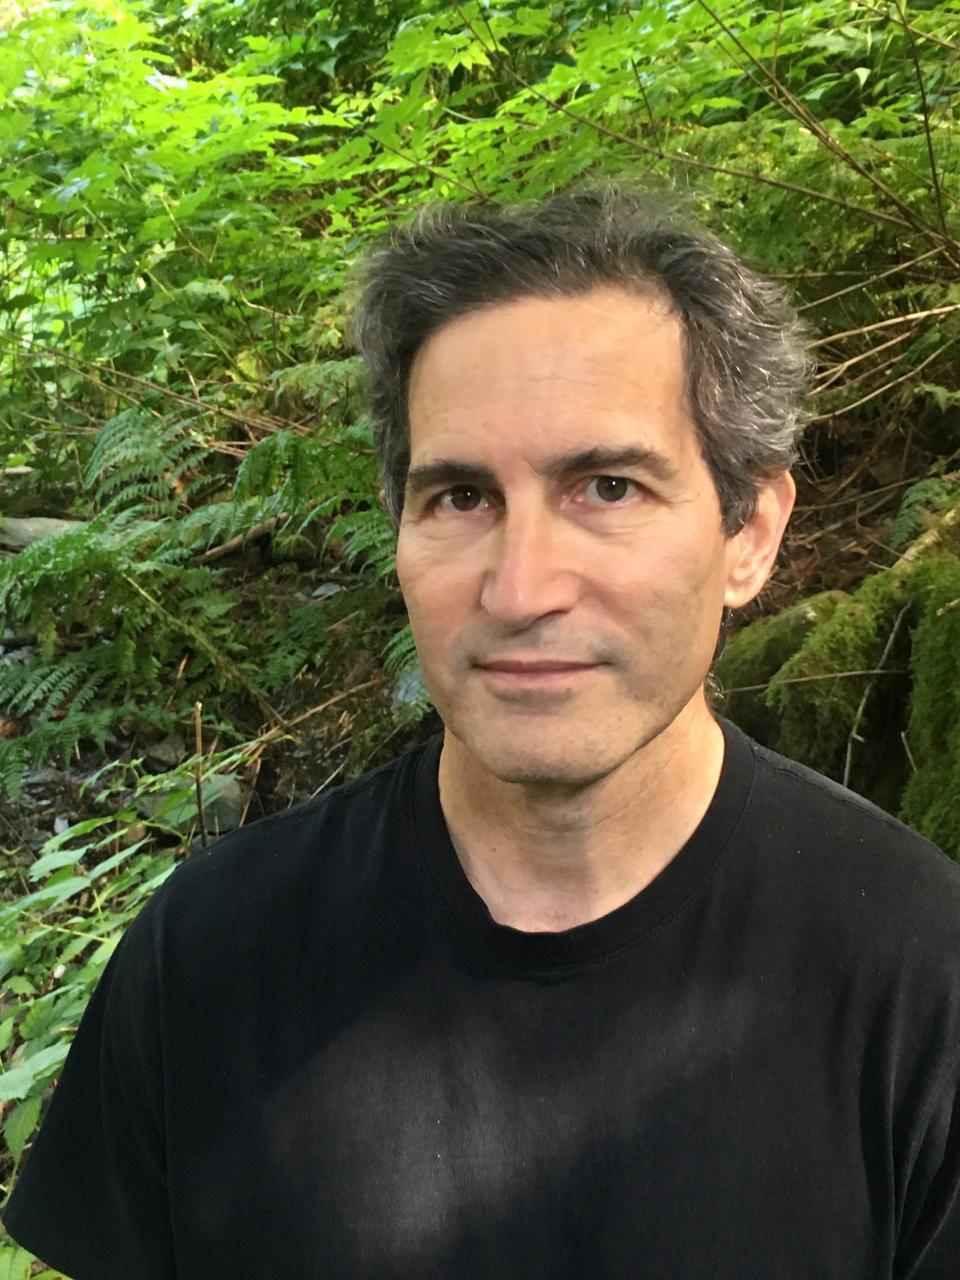 Author Photo Stuart